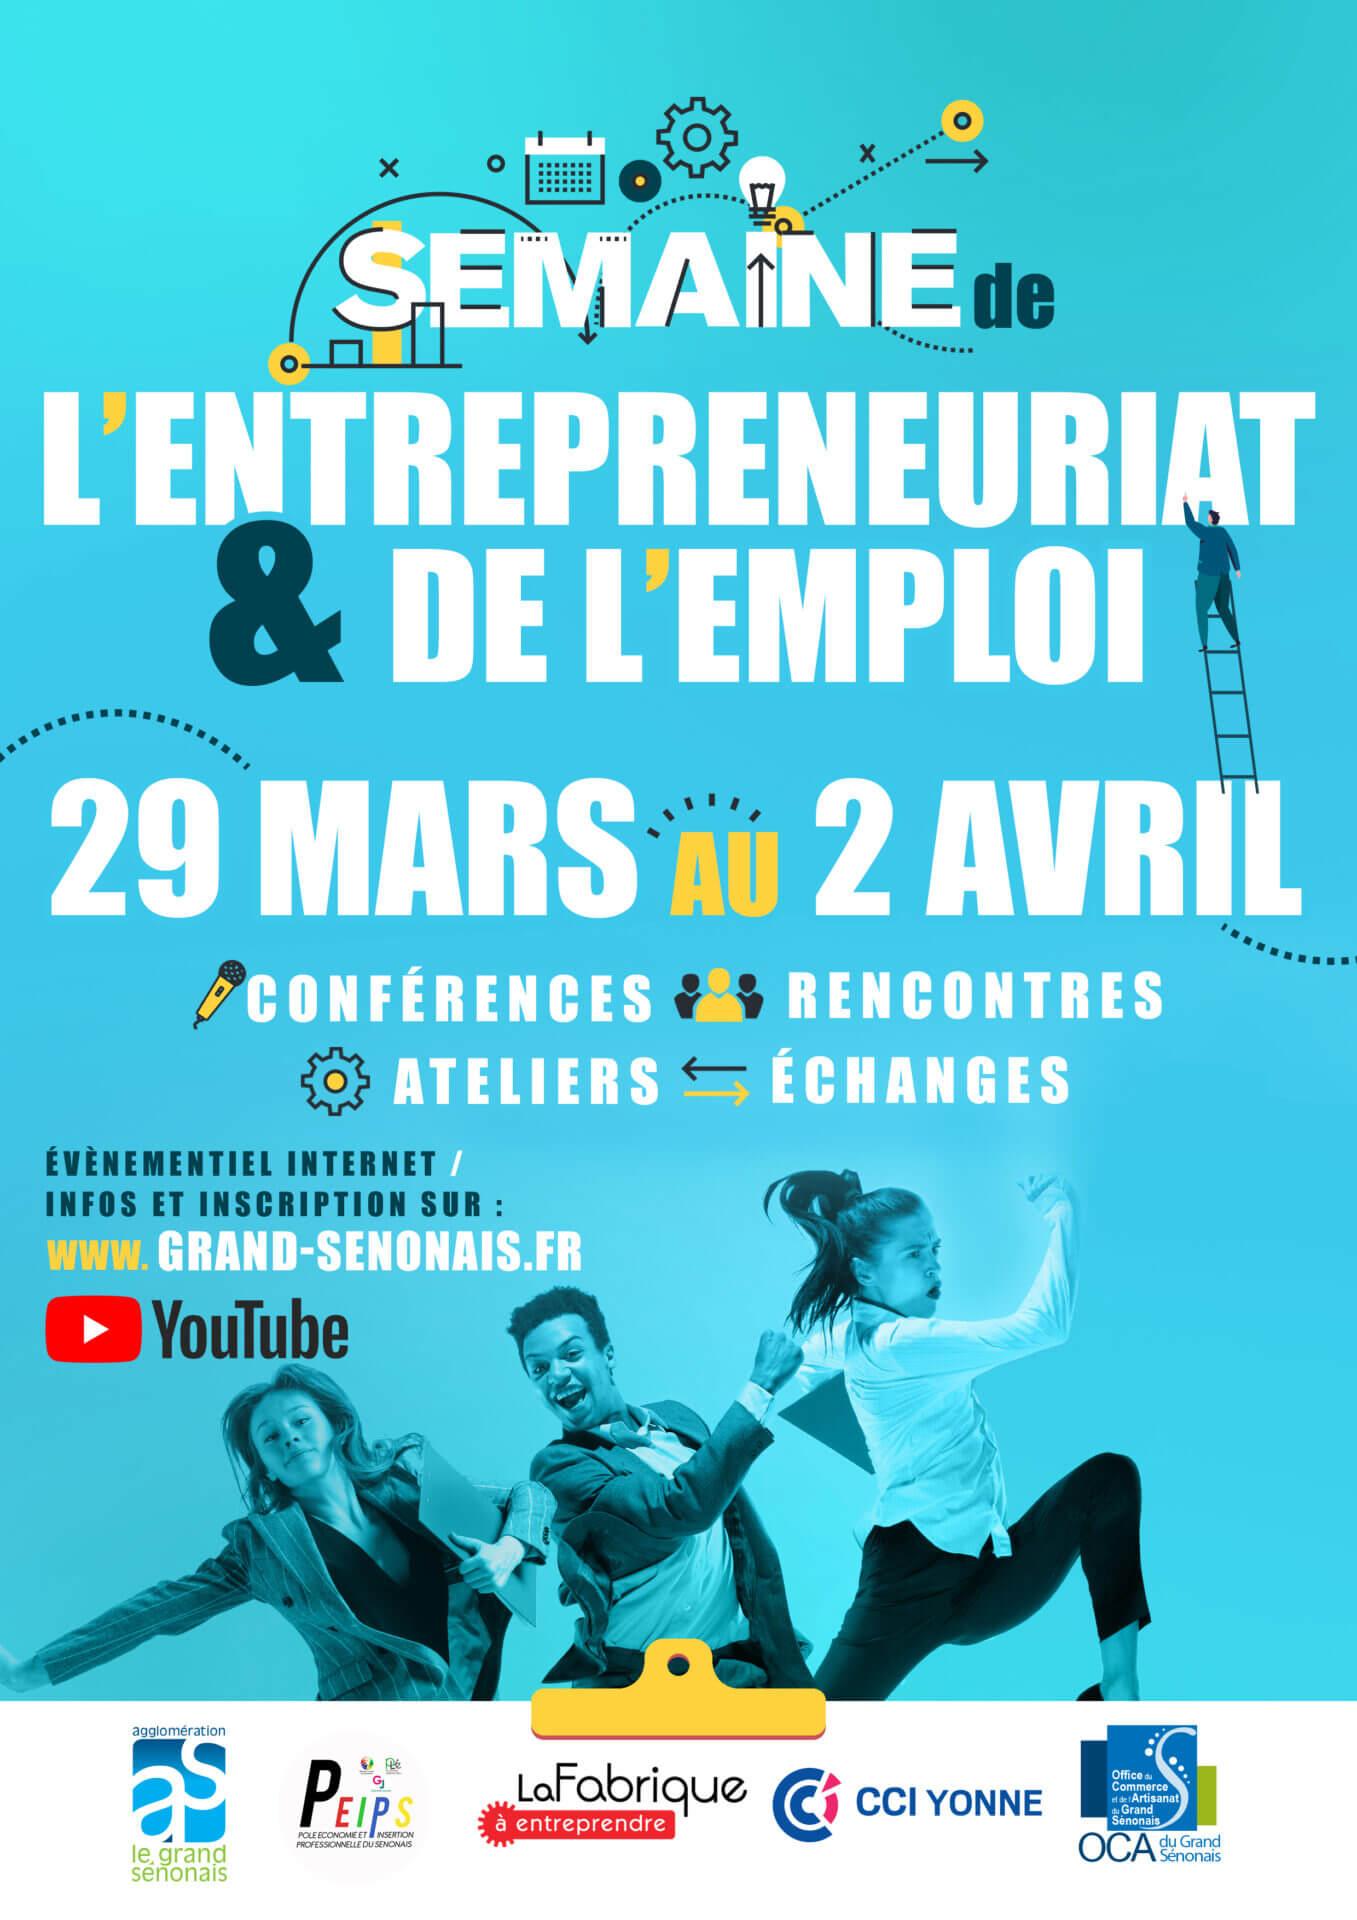 affiche semaine de l'entrepreneuriat et de l'emploi